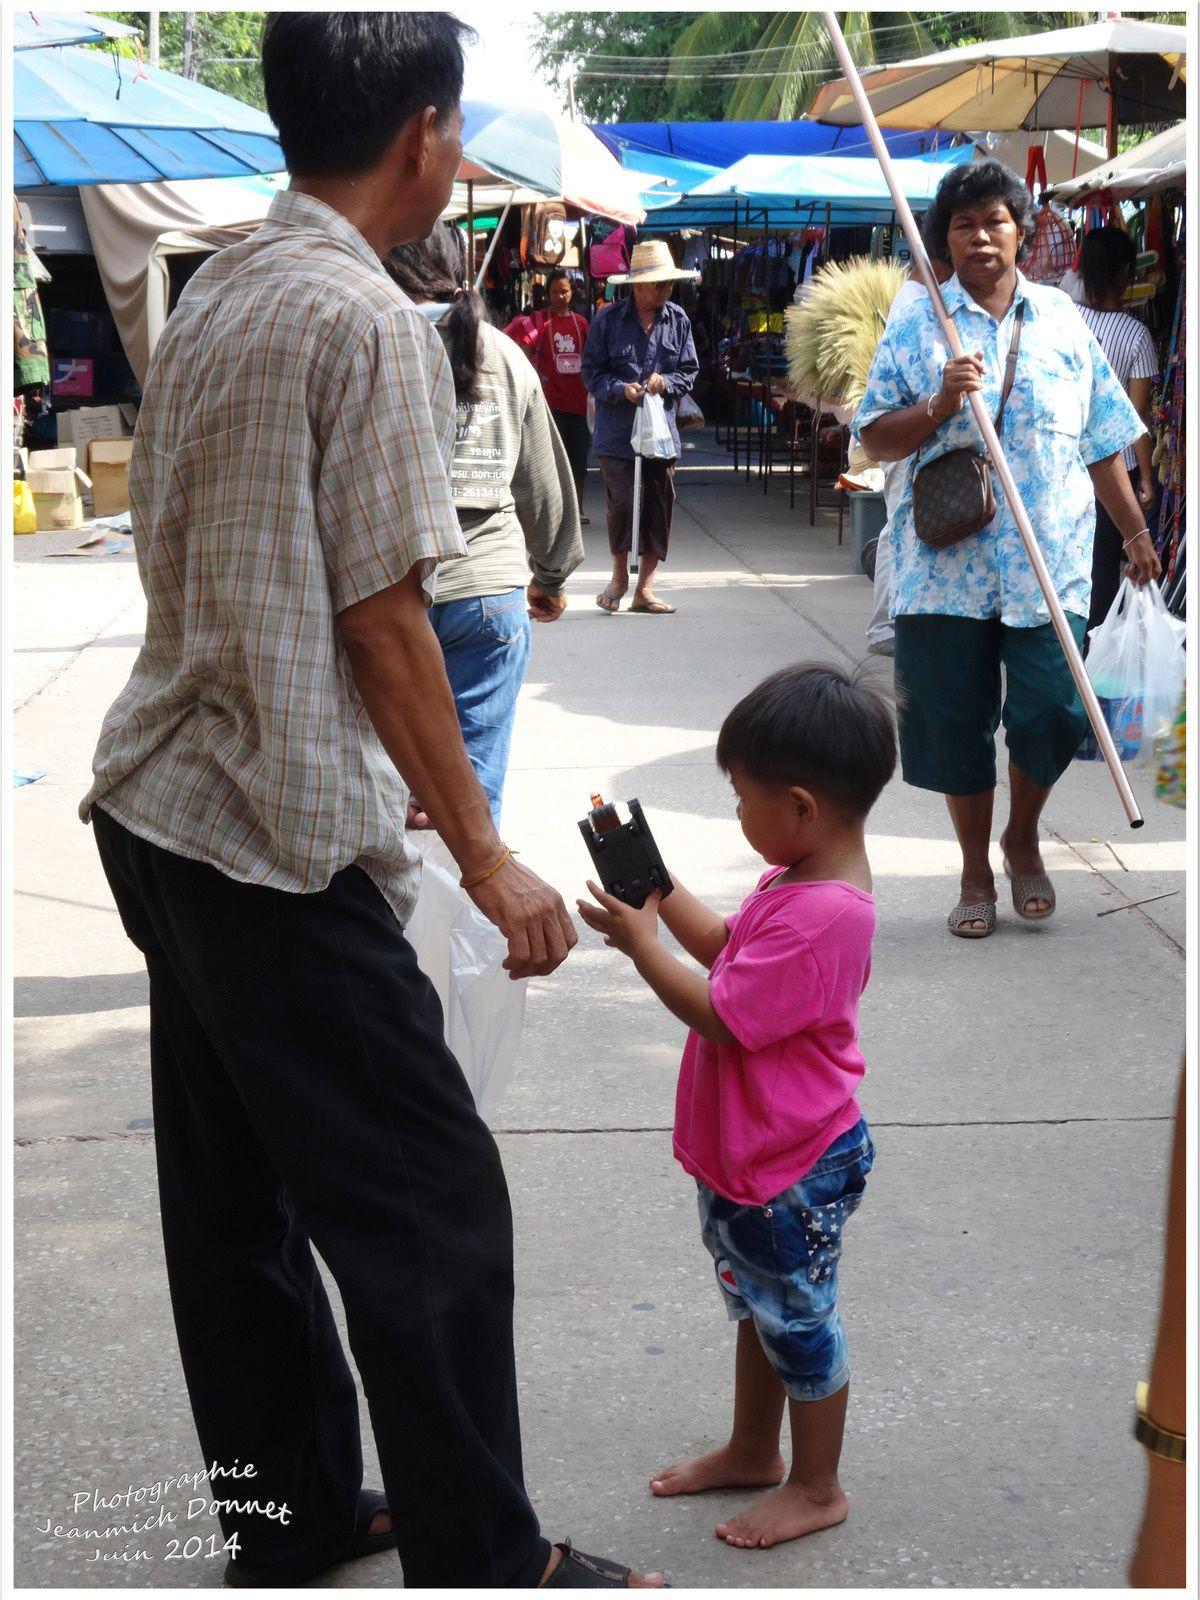 Jour de marché à Ubonratana (Thailande)